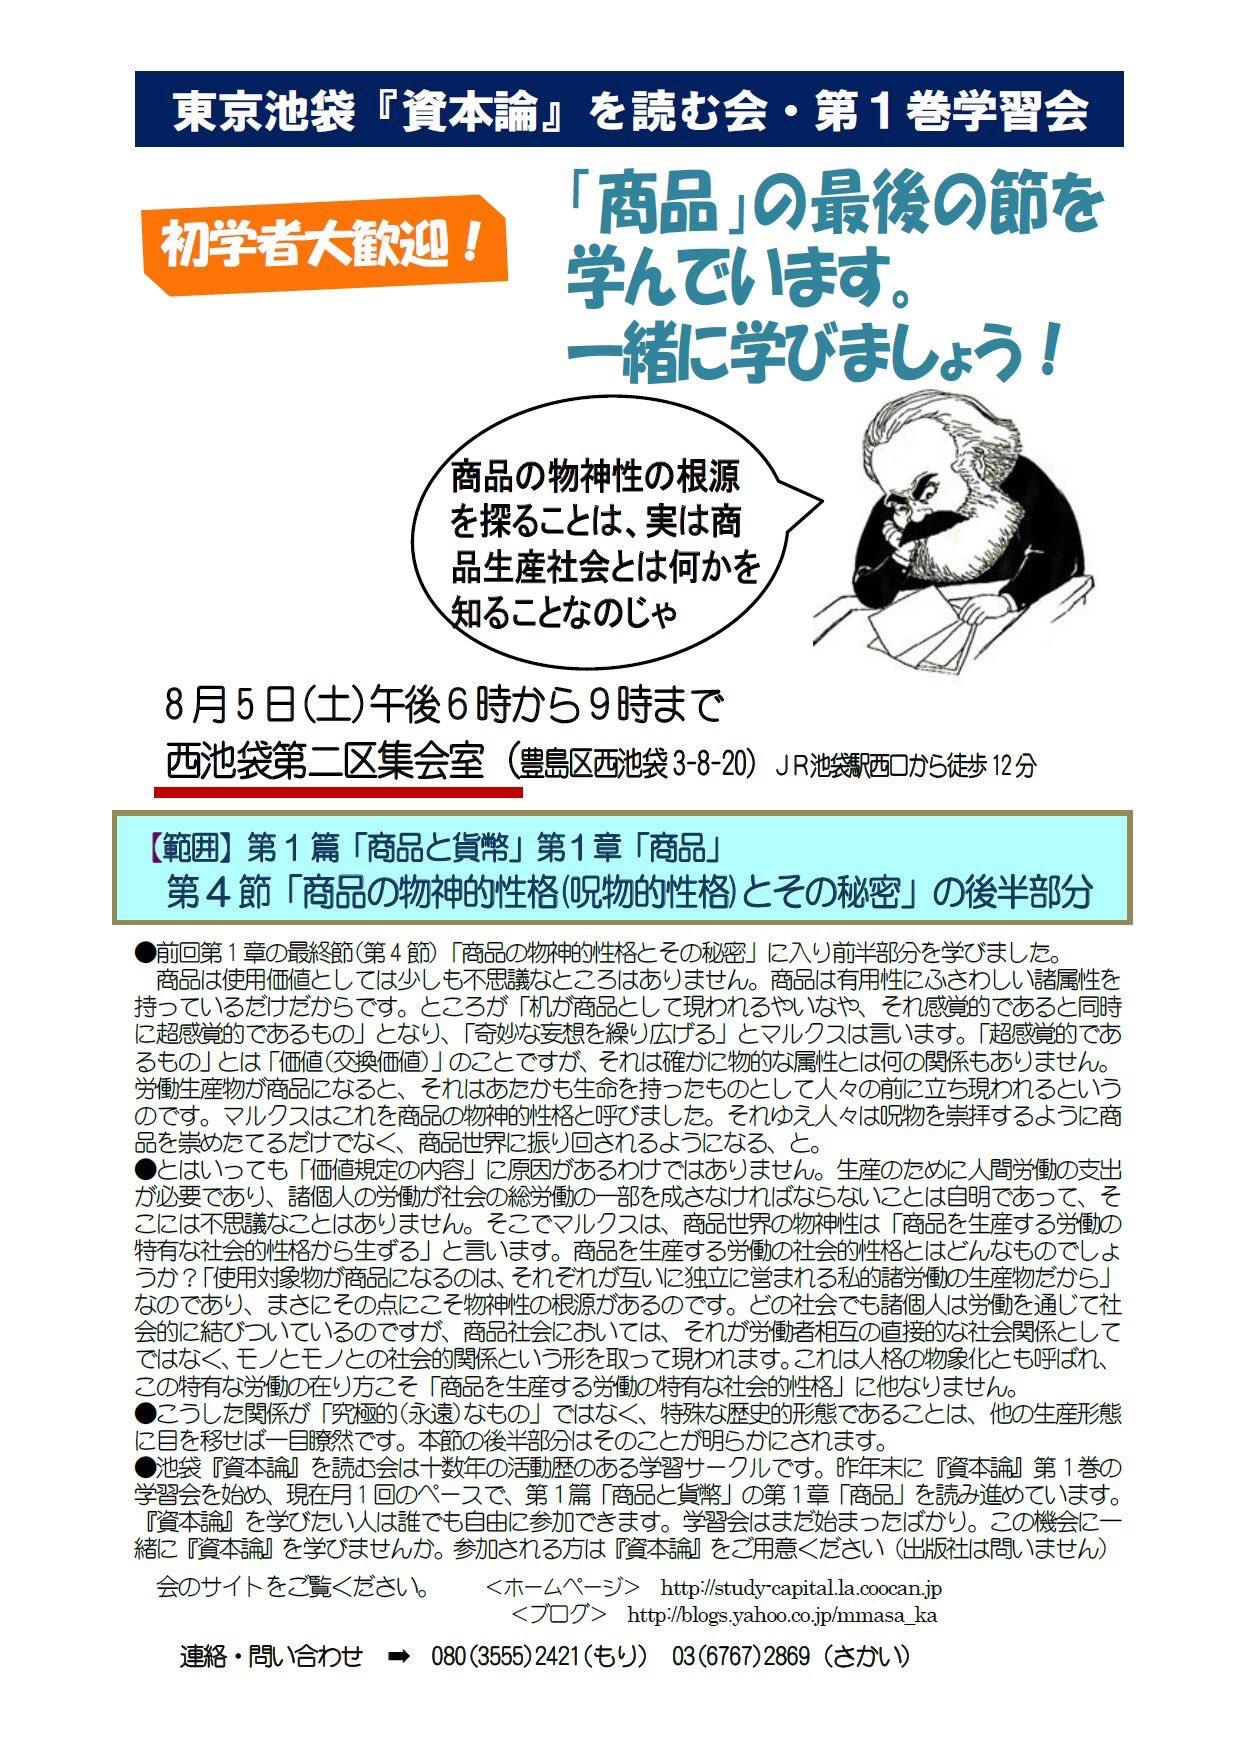 池袋『資本論』を読む会 on Twit...